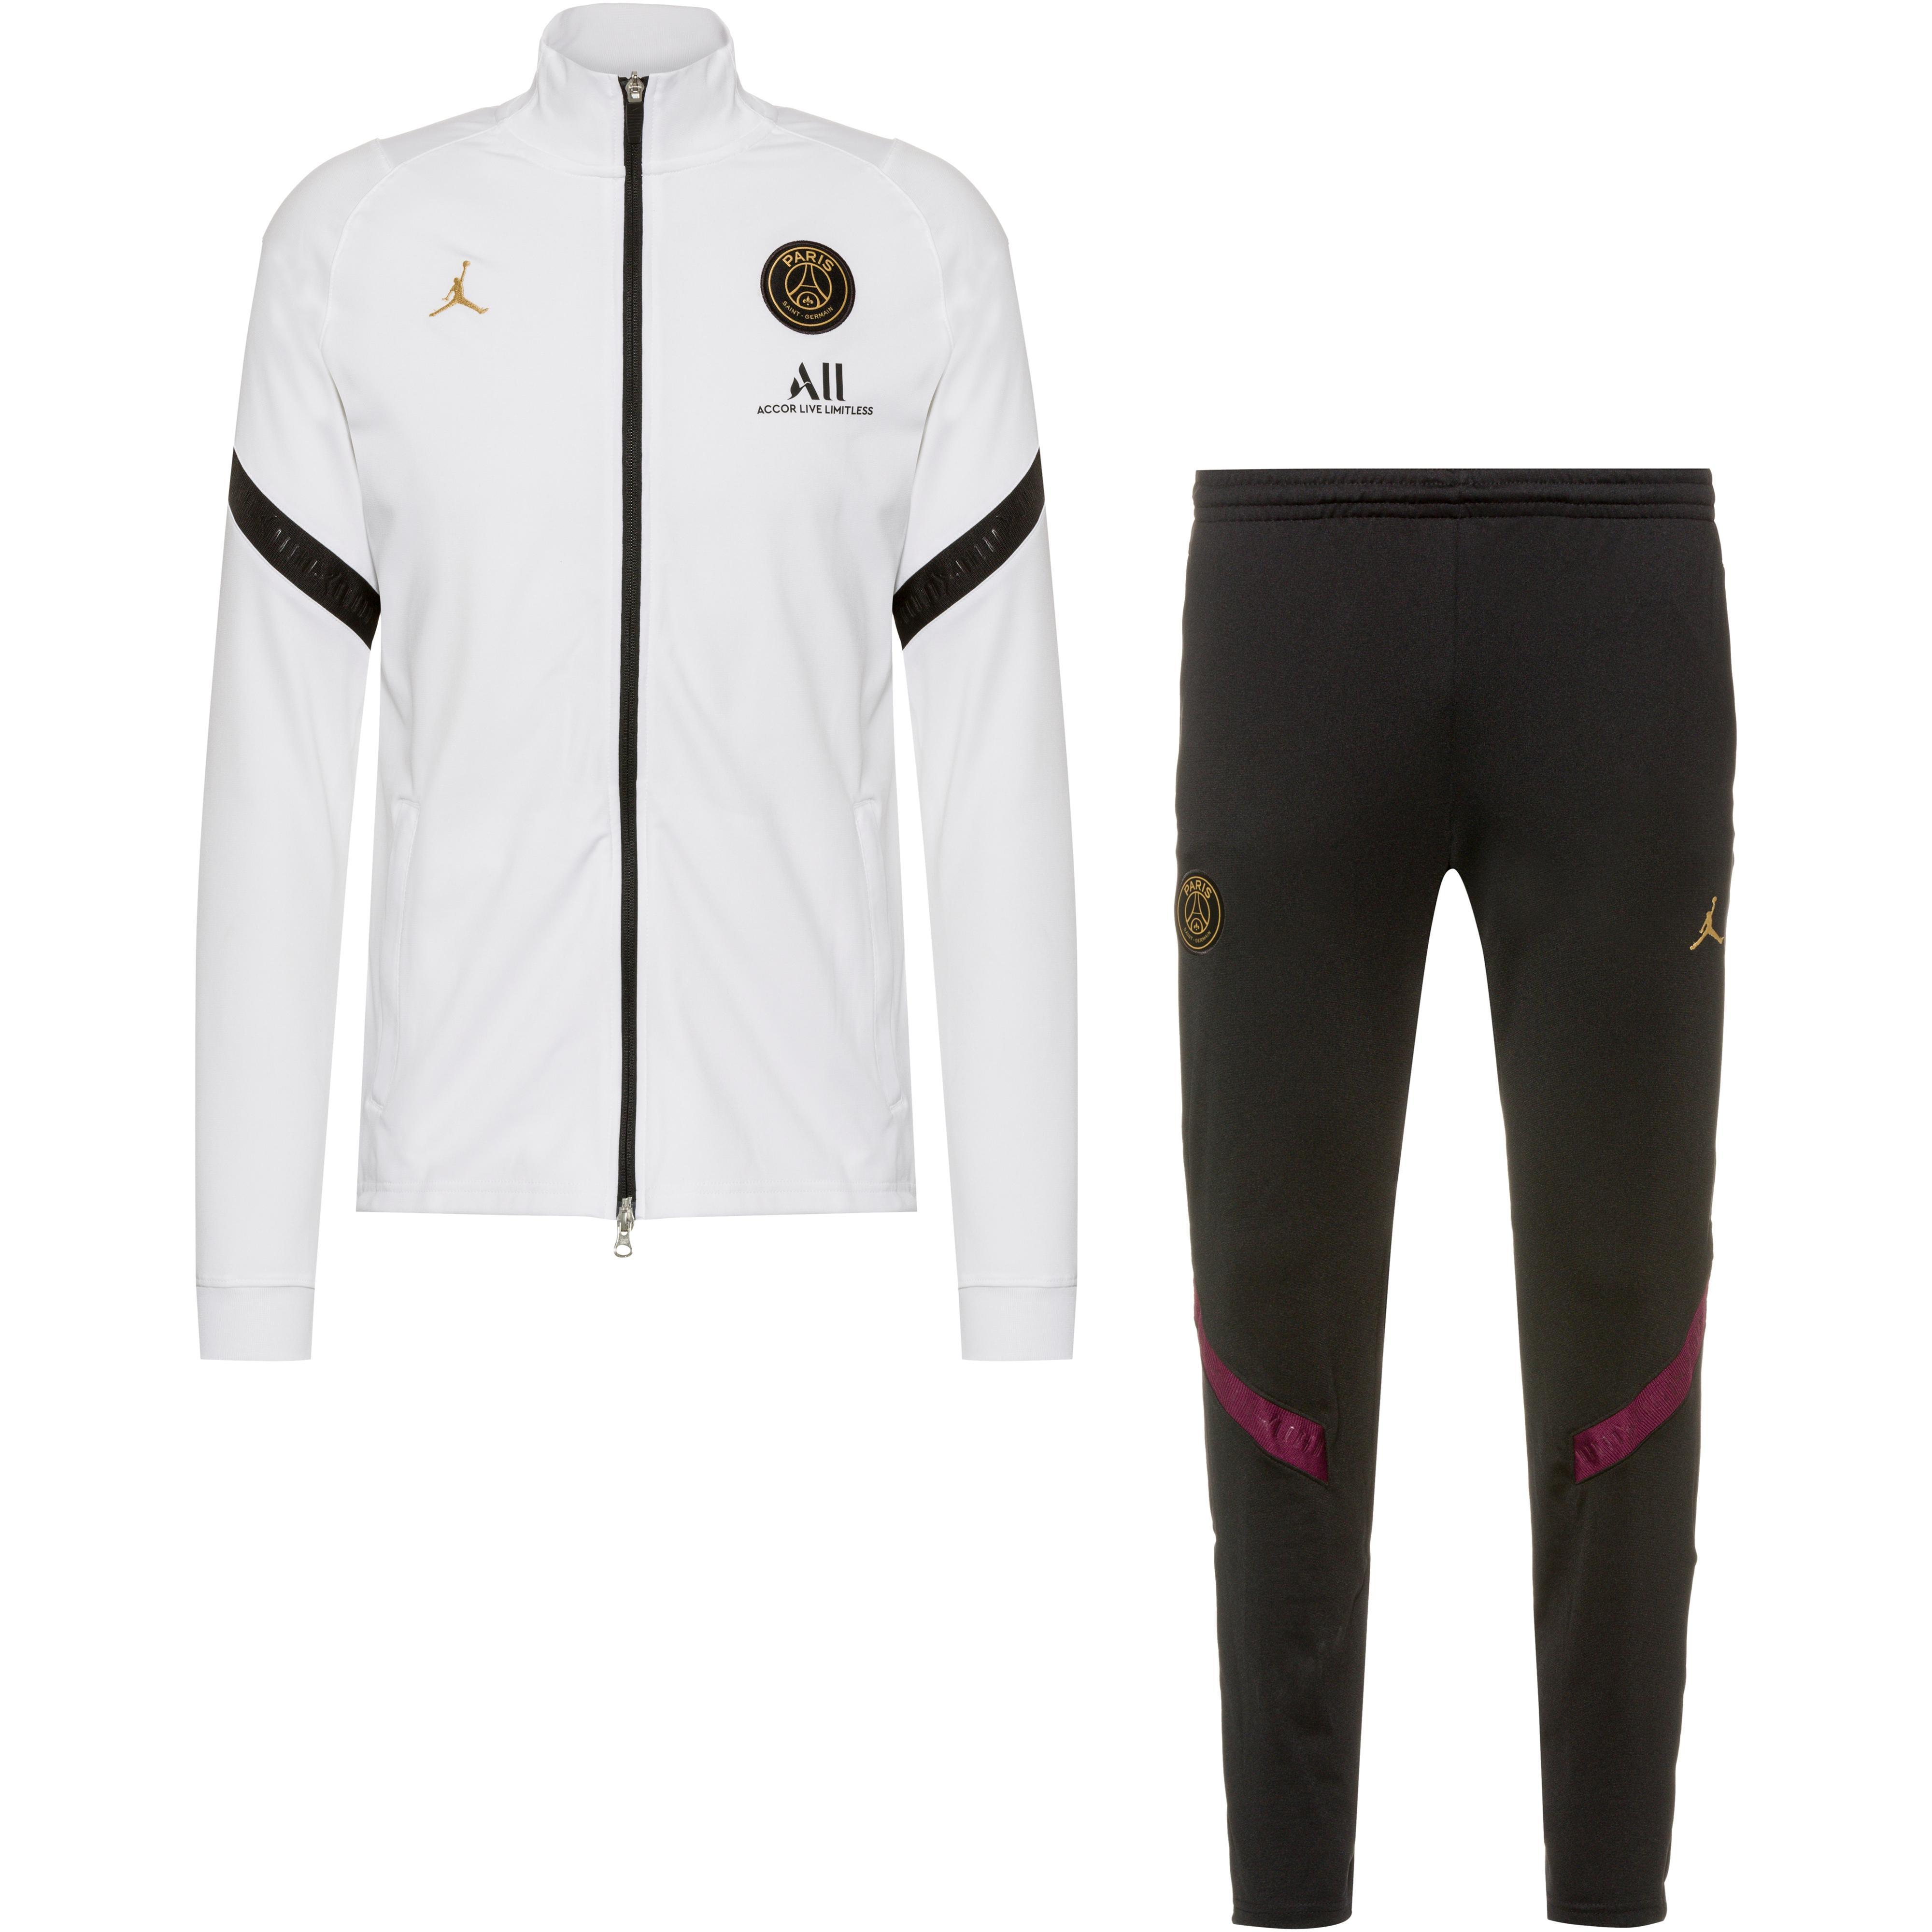 nike paris saint germain trainingsanzug herren white black black truly gold im online shop von sportscheck kaufen